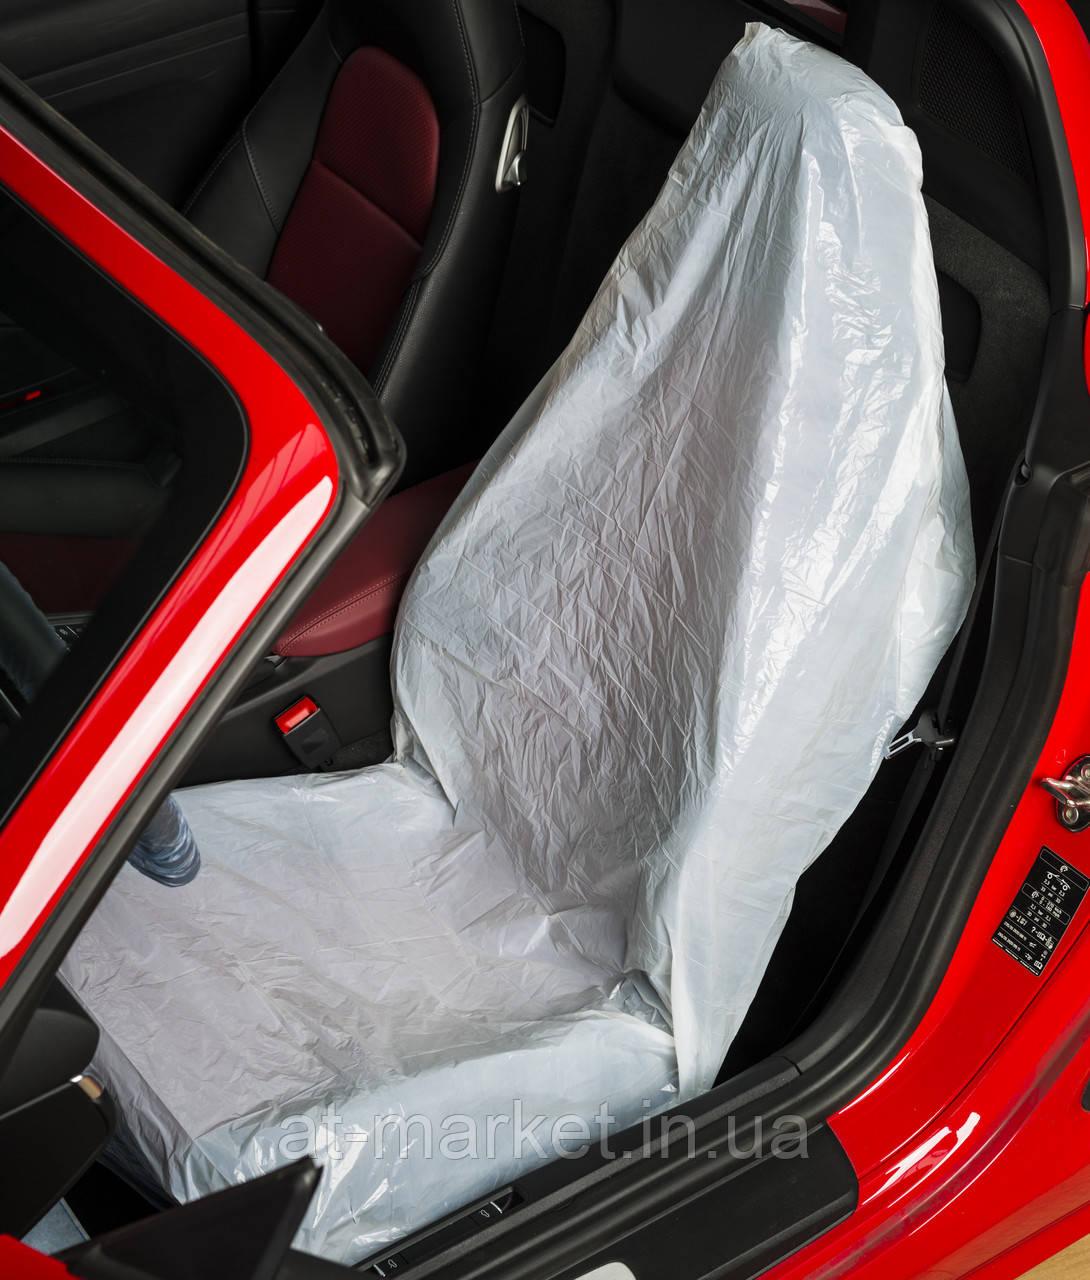 Защитные чехлы на сиденья SERWO ECONOMIC 500 шт.